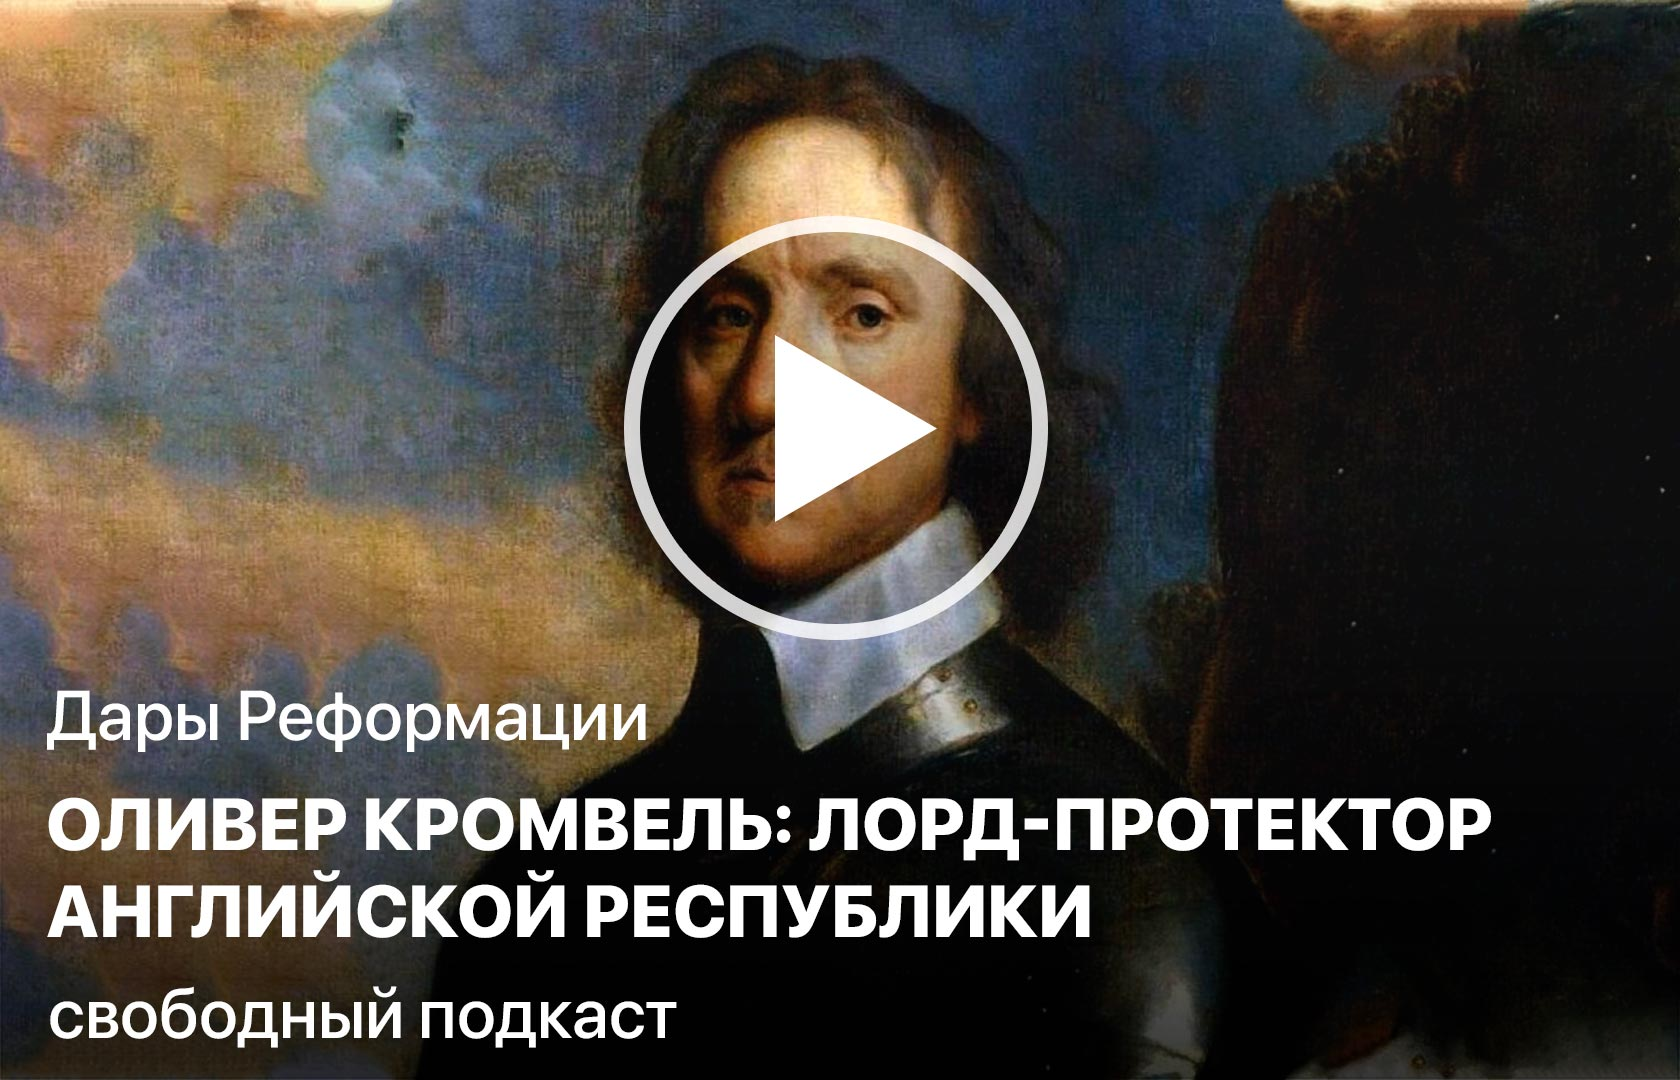 Дары Реформации. Оливер Кромвель: лорд-протектор Английской республики